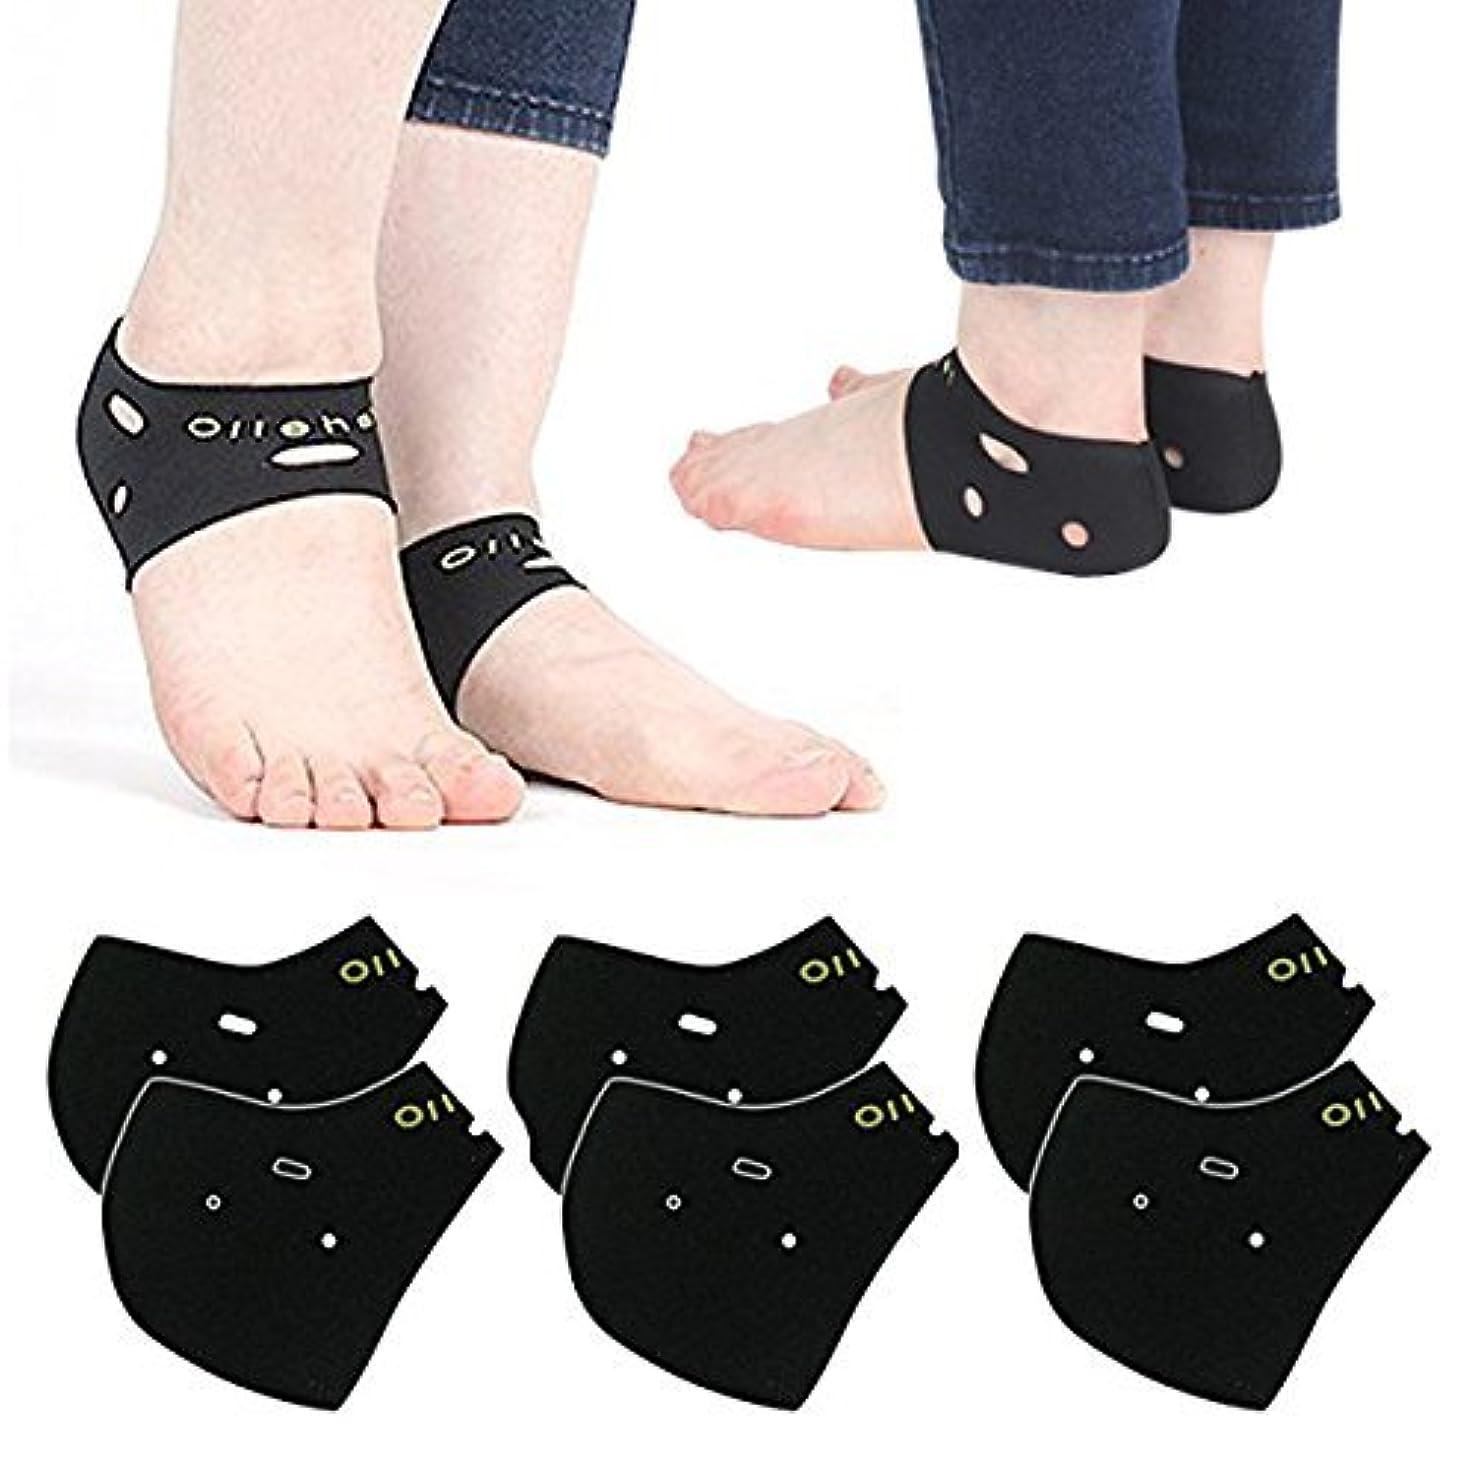 ミスペンド廃止するペースかかとケア 靴下 3足 1セット ソックス かかとサポーター 角質ケア 保温 保湿 防寒靴下 発熱ソックス 冷え取り 両足 フリーサイズ かかと ケア